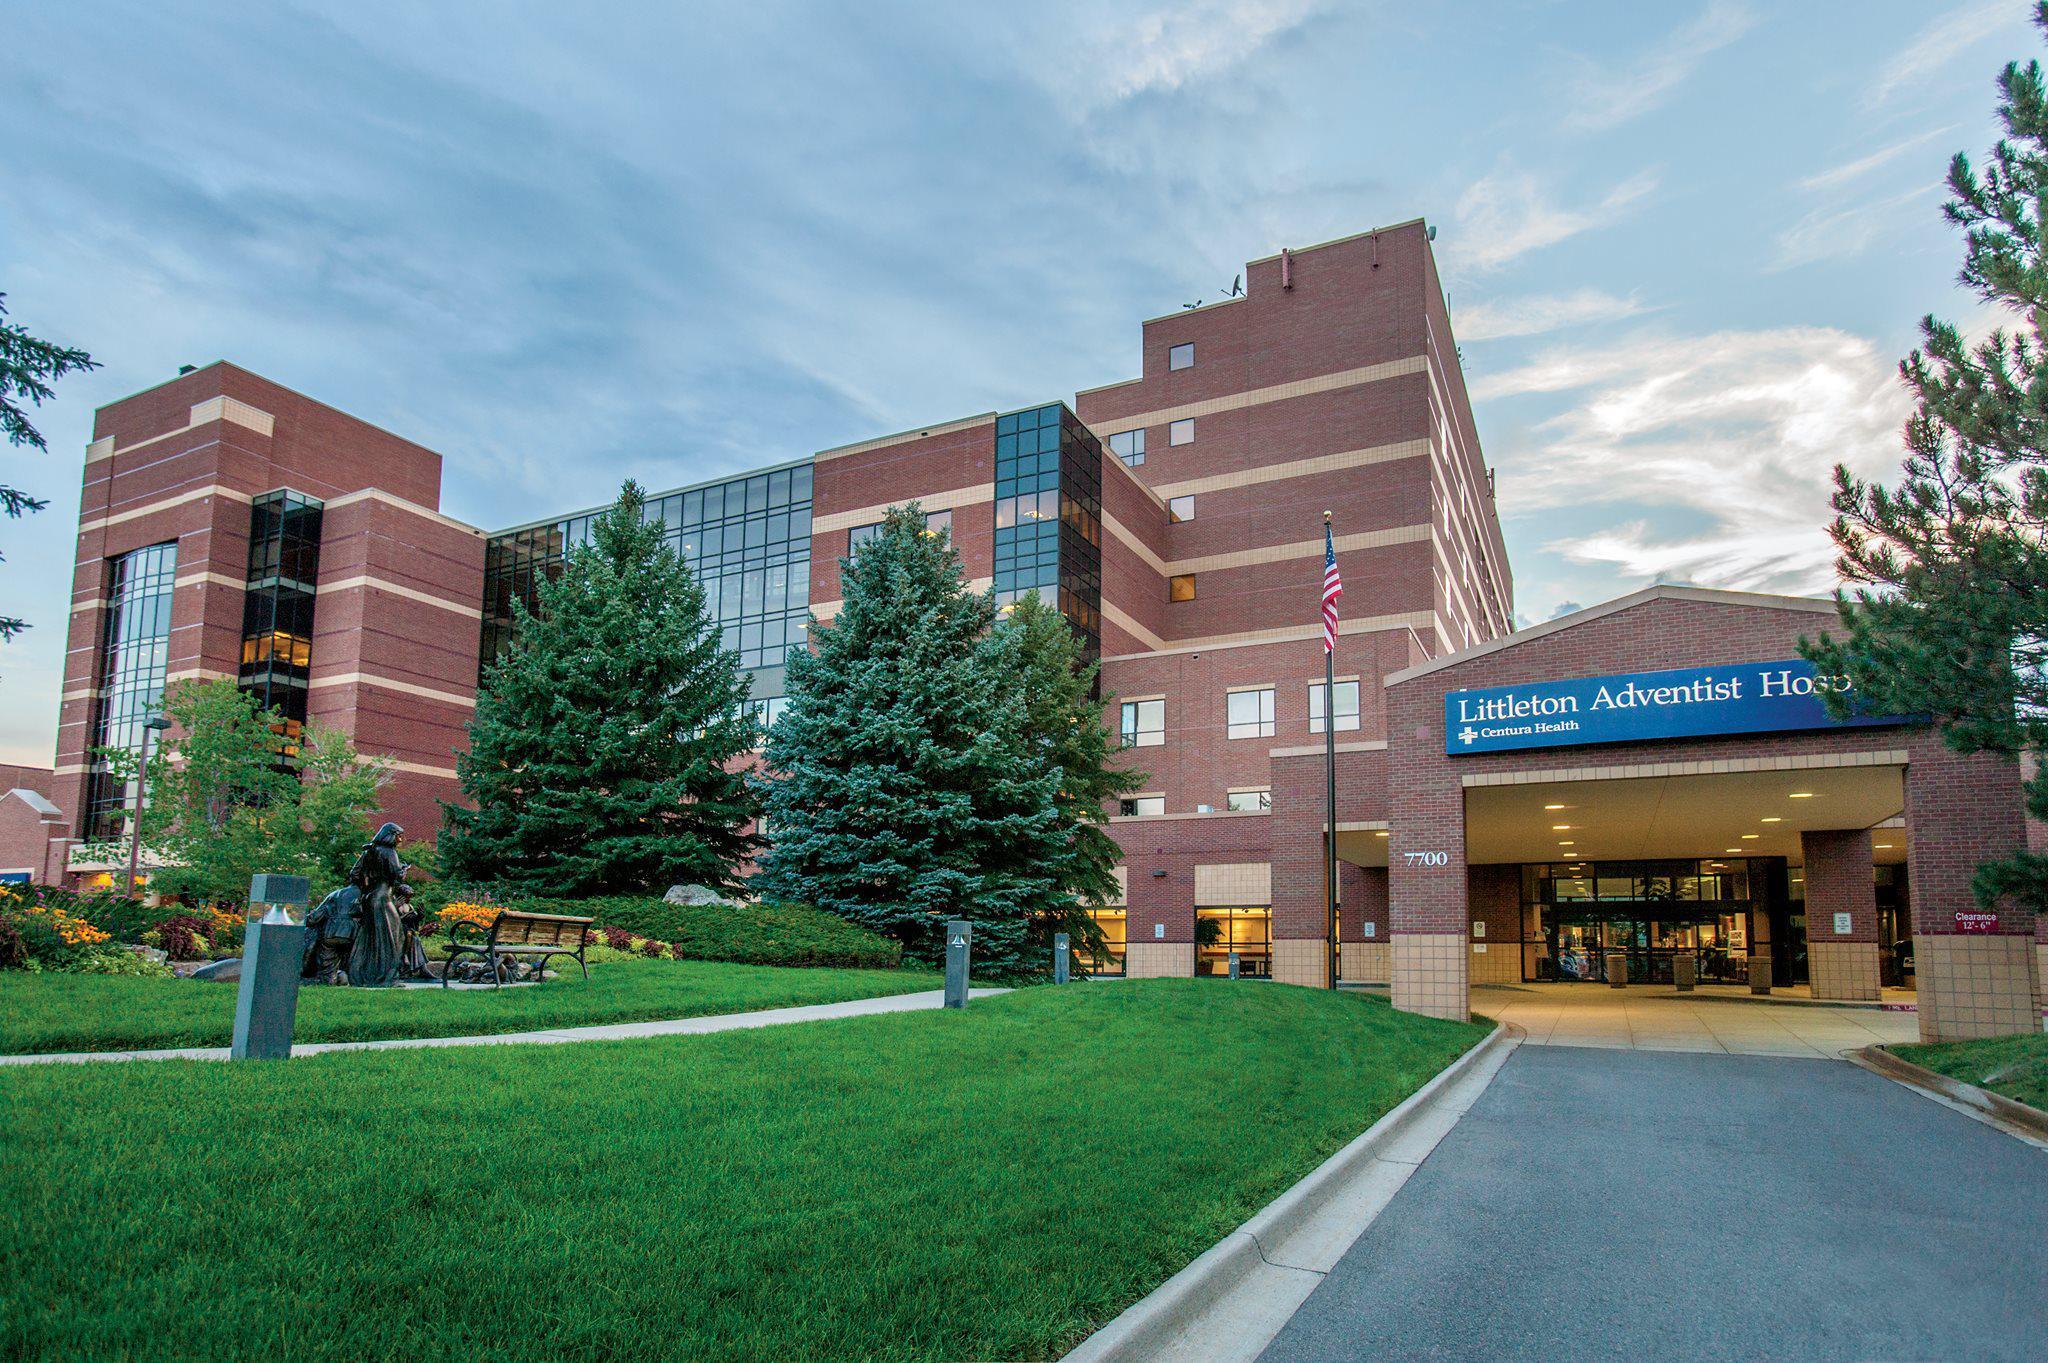 Littleton Adventist Hospital image 4